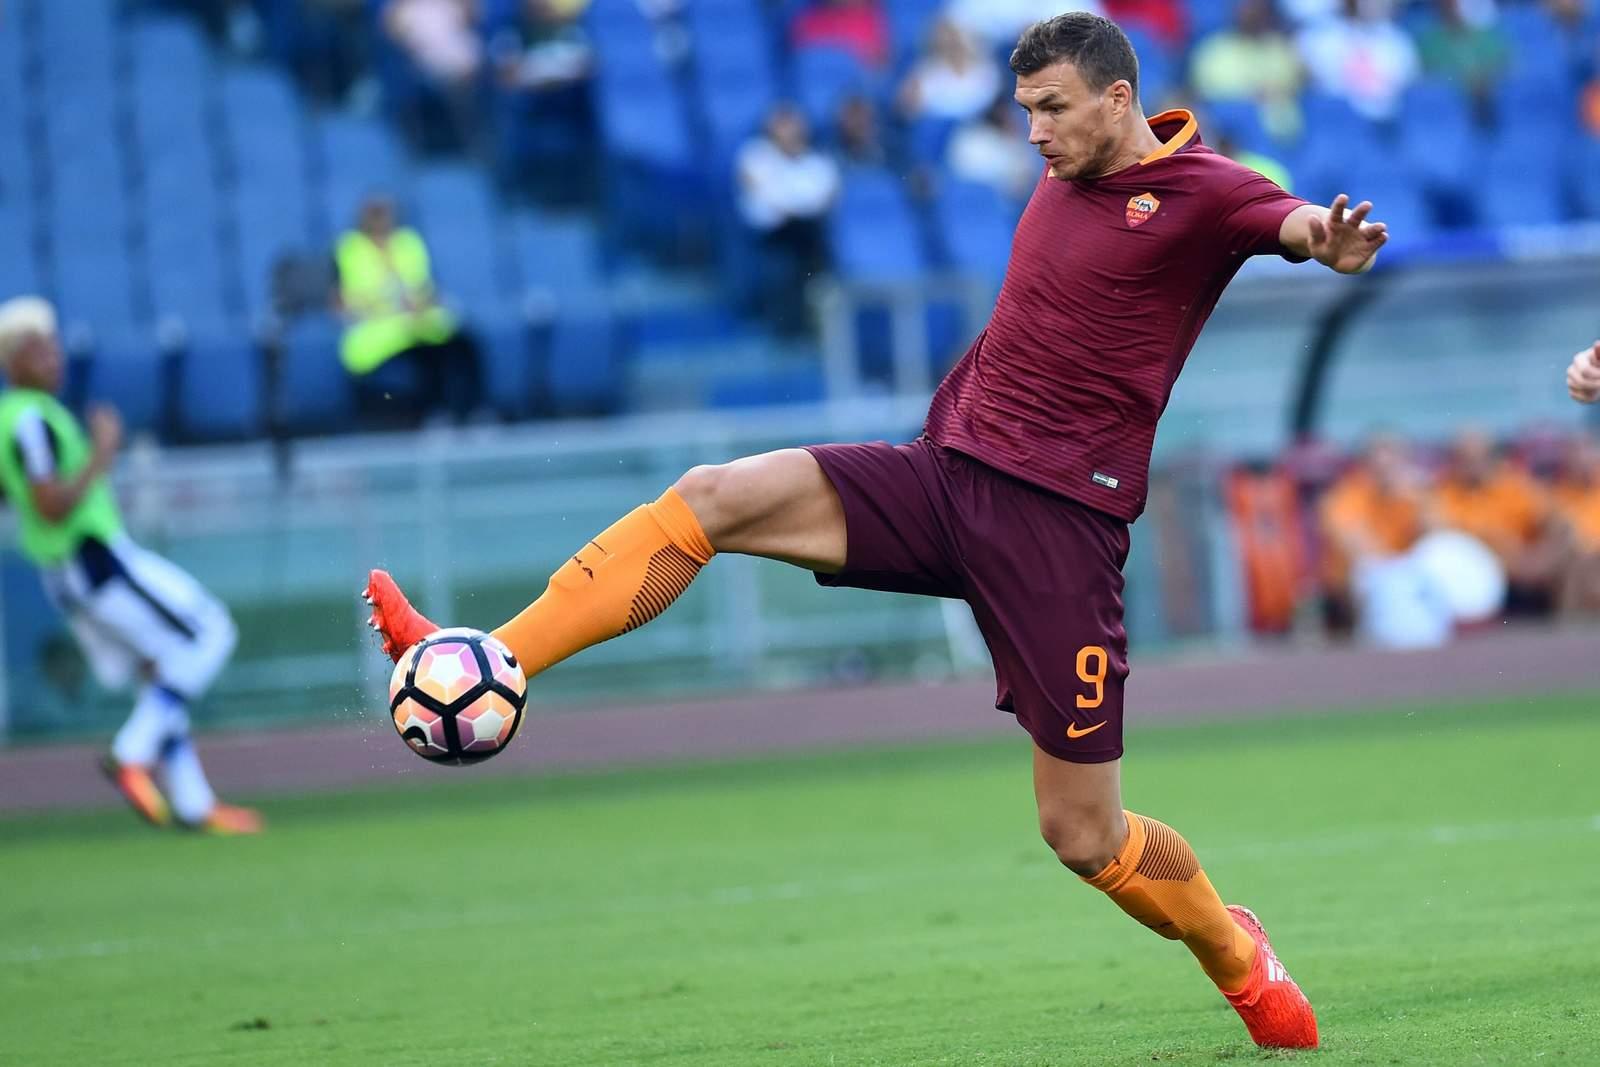 Edin Dzeko, Top-Torschütze der Roma. Jetzt auf Villarreal gegen AS Rom wetten!